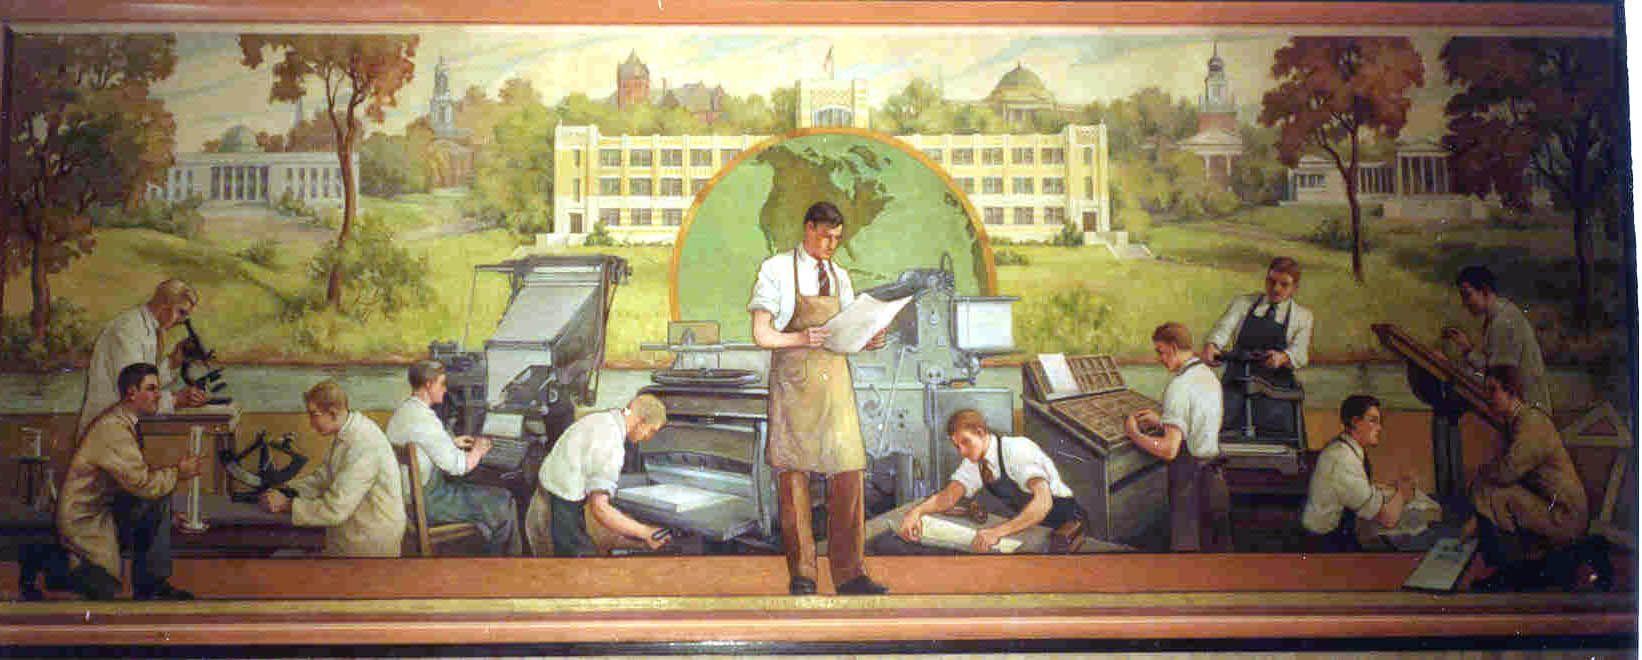 Wpa mural by eugene dychowski for the burgard school for Bufflon revetement mural